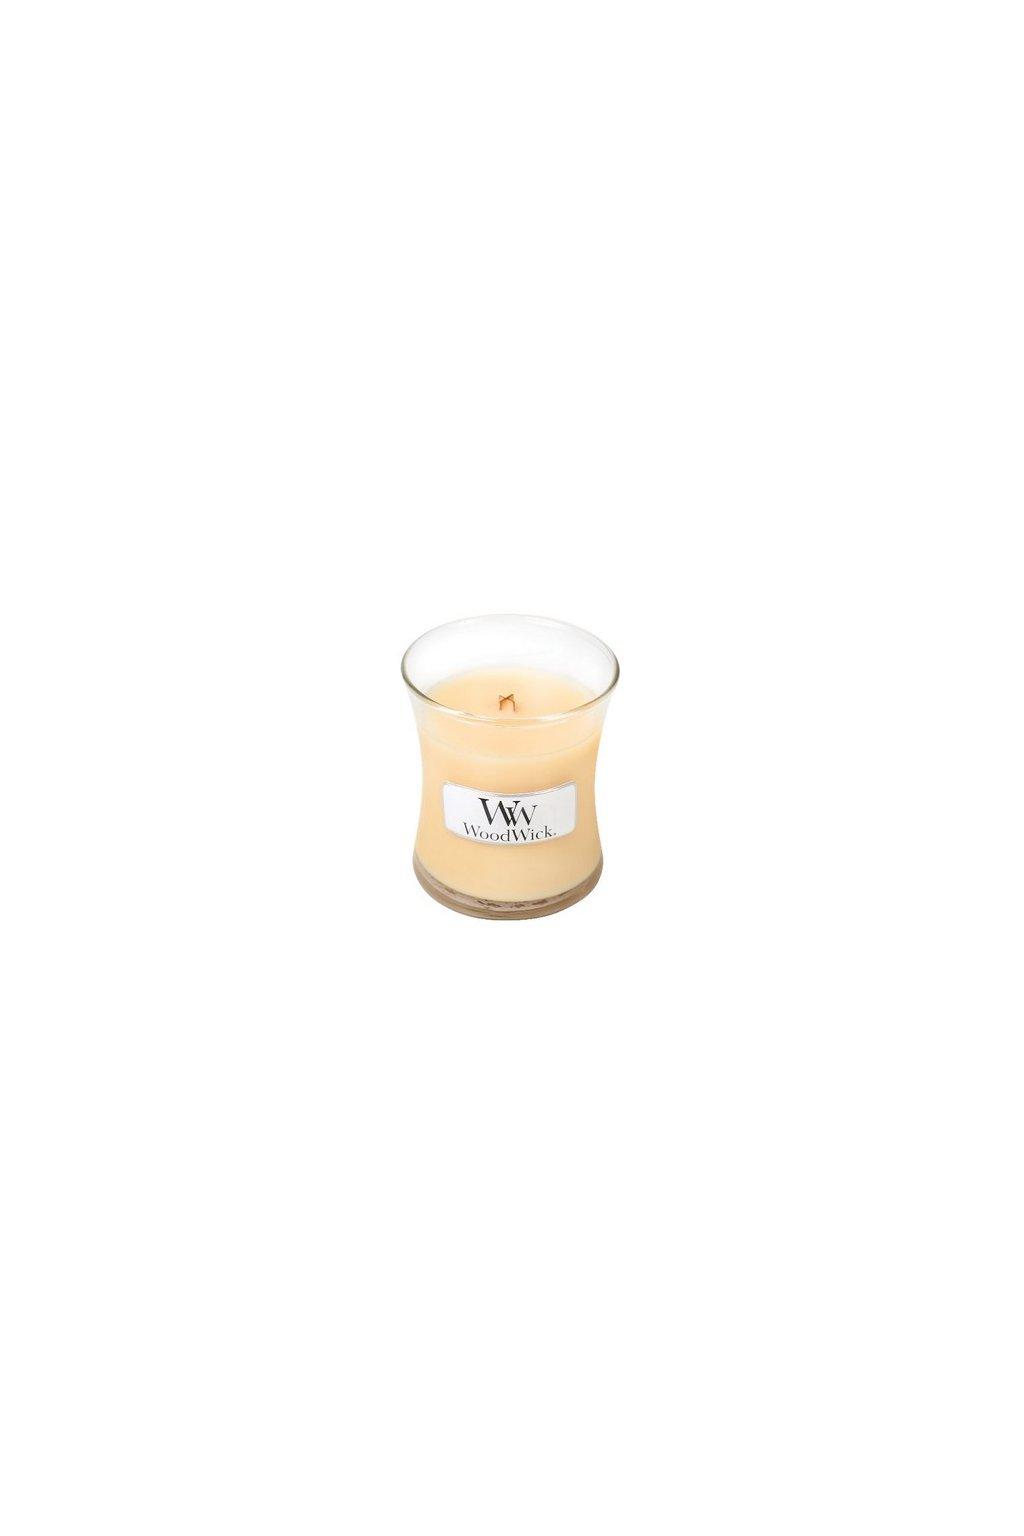 Woodwick Honeysuckle váza malá 85g